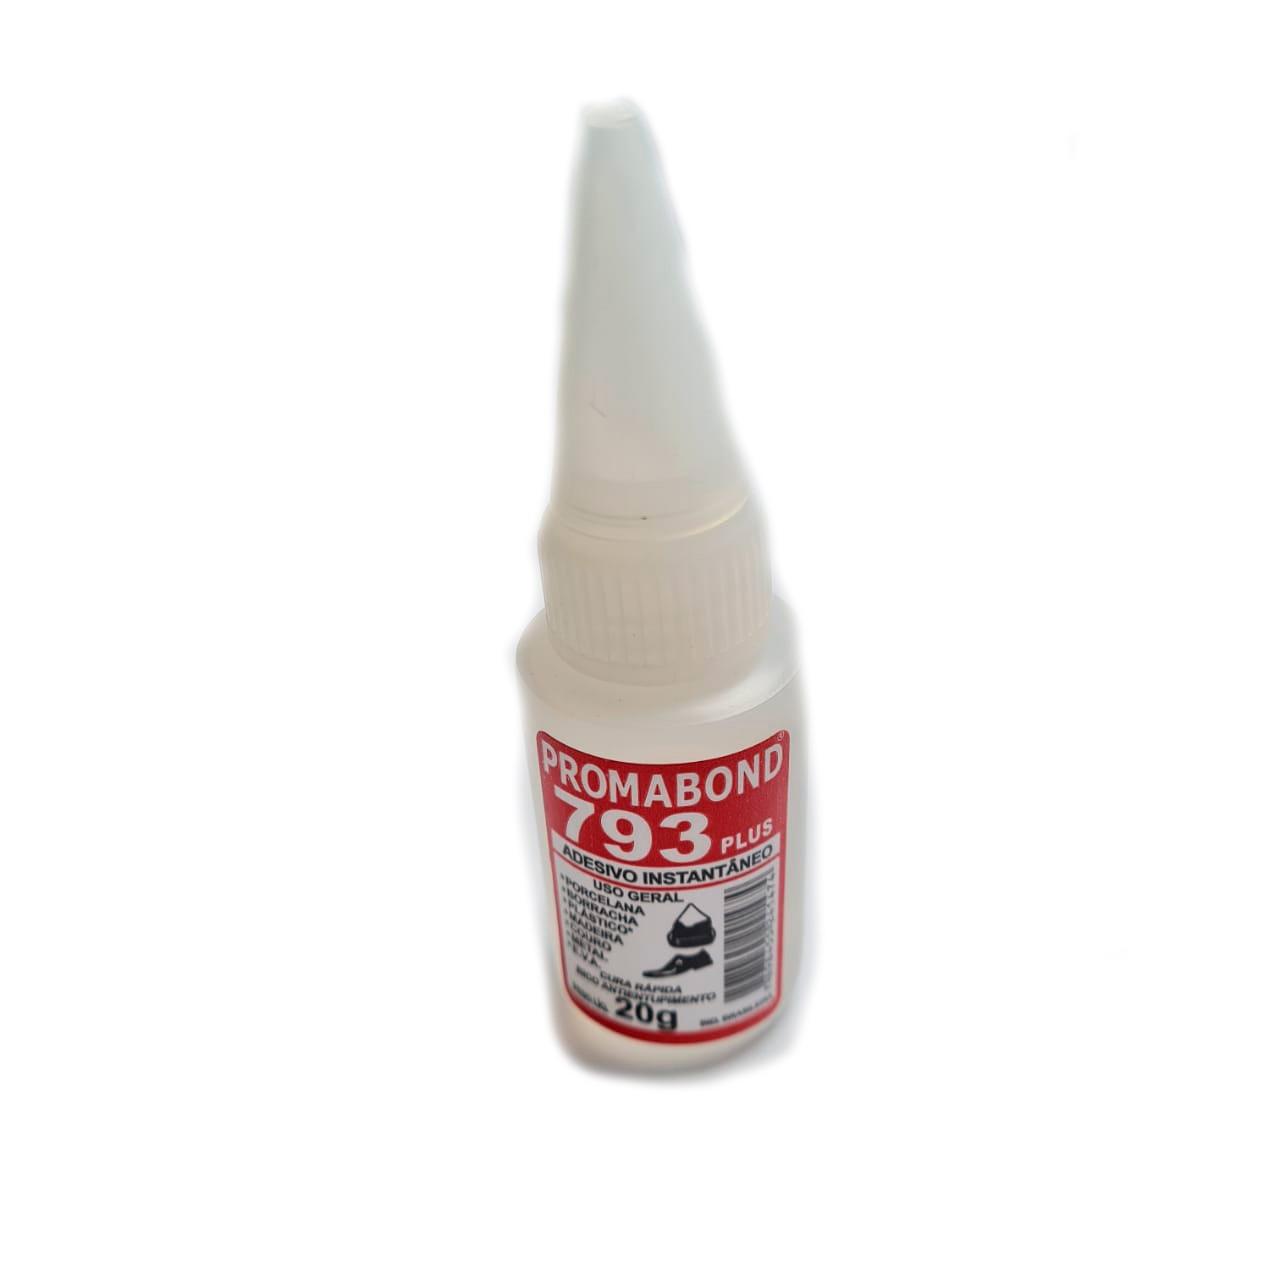 Cola Promabond  20 ML